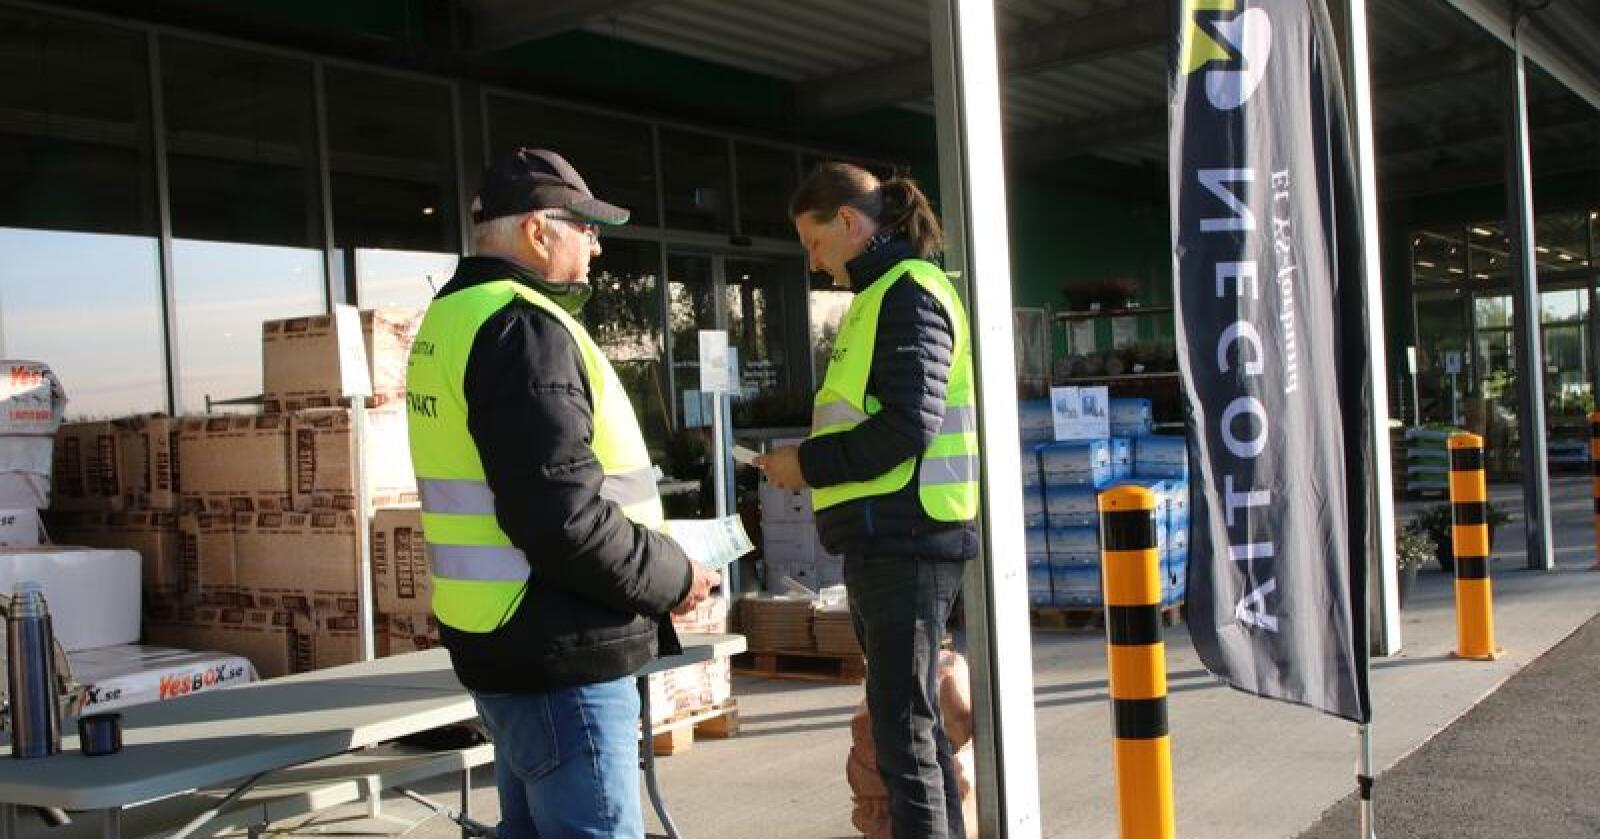 Det er harde fronter mellom partene i streiken. Bildet viser streikevakter ved Holstad, Ås. Foto: Karl Erik Berge